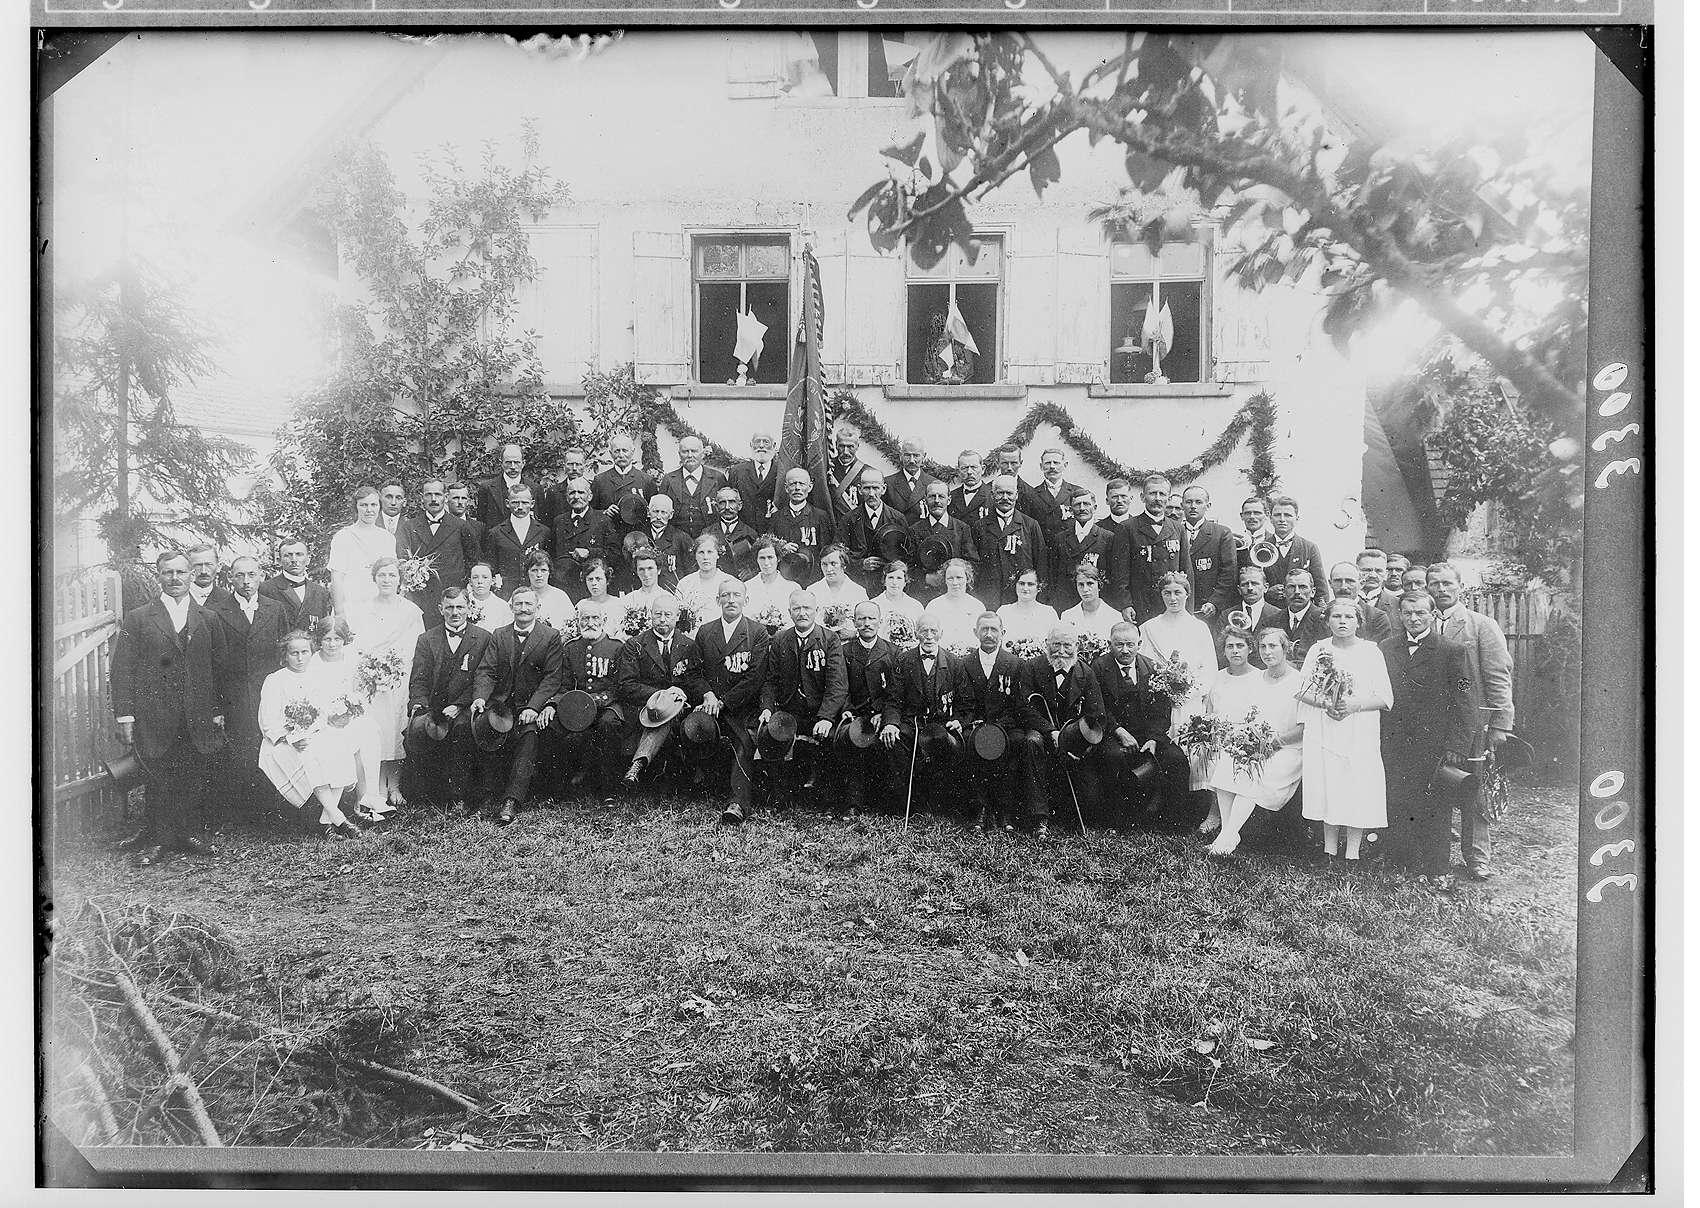 Kriegerverein aus Veringenstadt oder Veringendorf; in der ersten Reihe mit hellem Hut Direktor Anton Bumiller, Bild 1